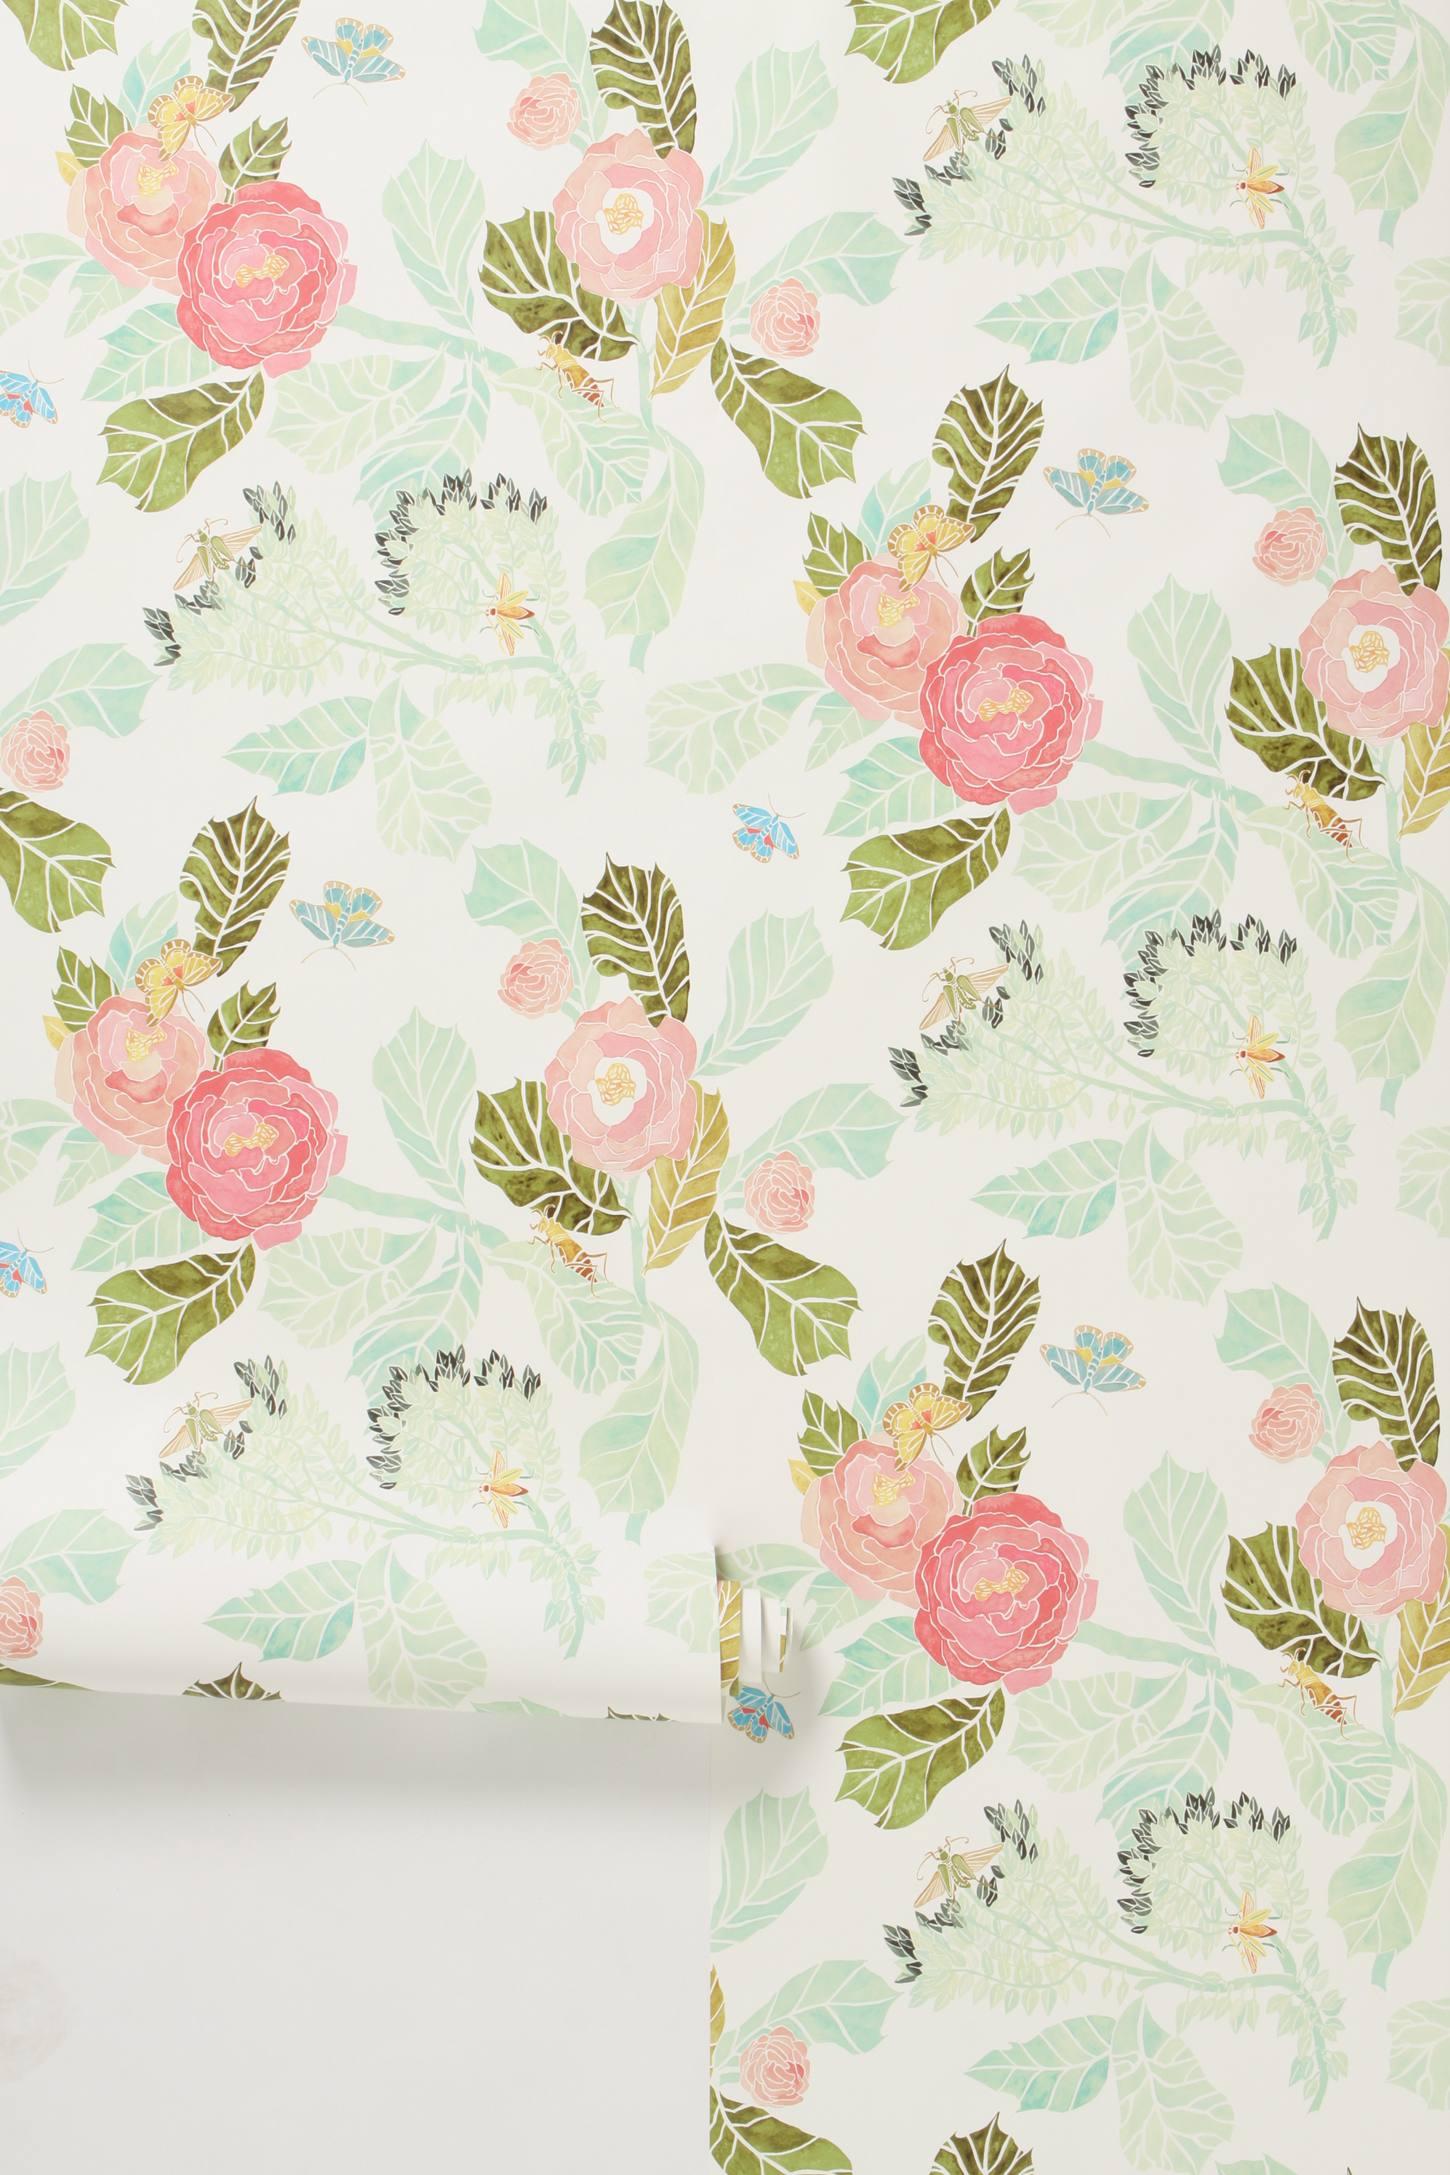 Watercolor Flora Wallpaper Image